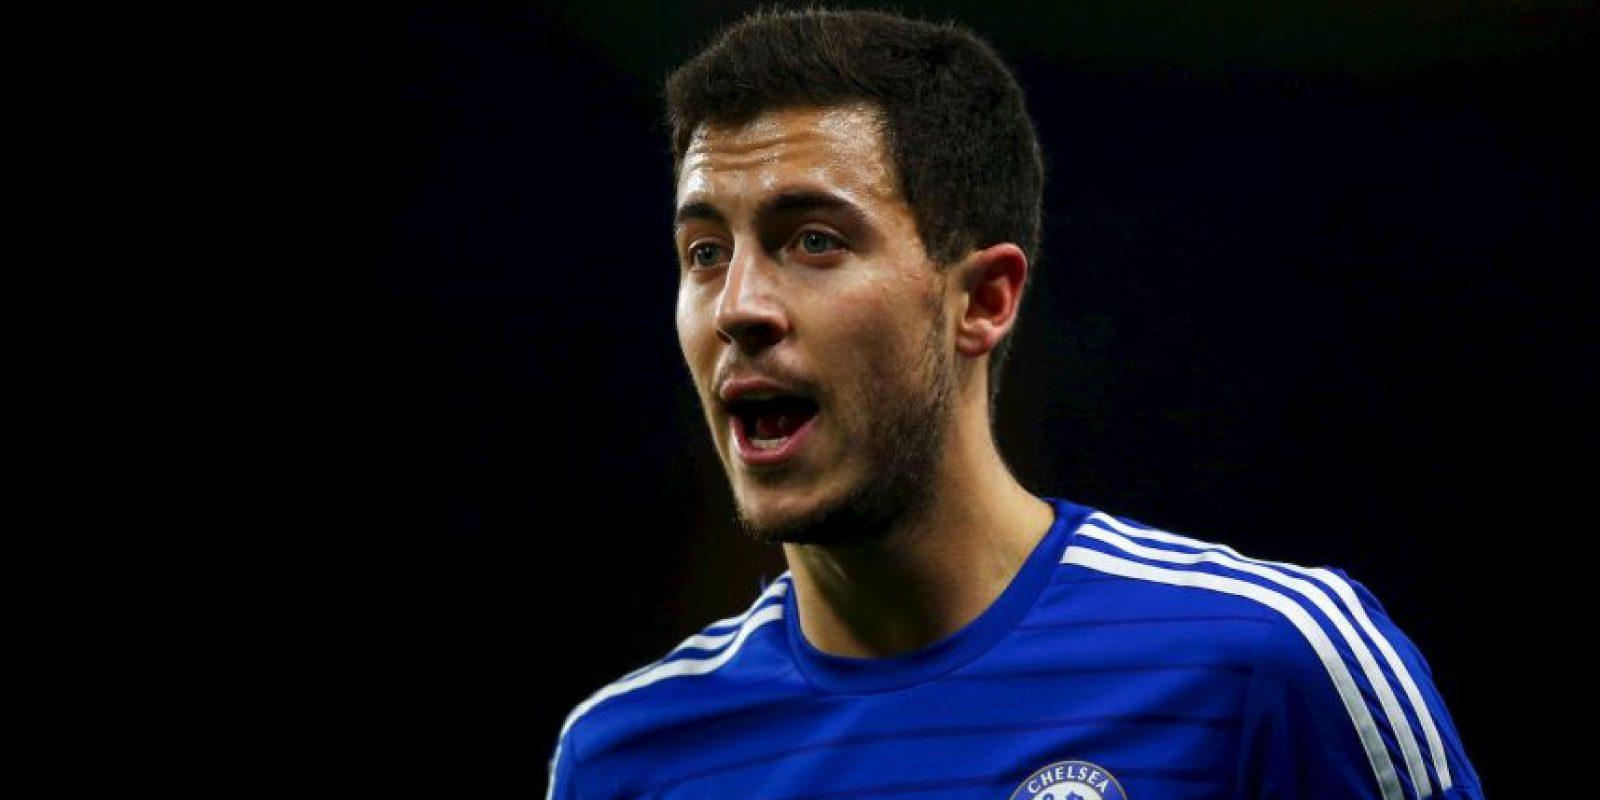 La sensación del Chelsea es el quinto jugador que más camisetas vende en Inglaterra. Foto:Getty Images